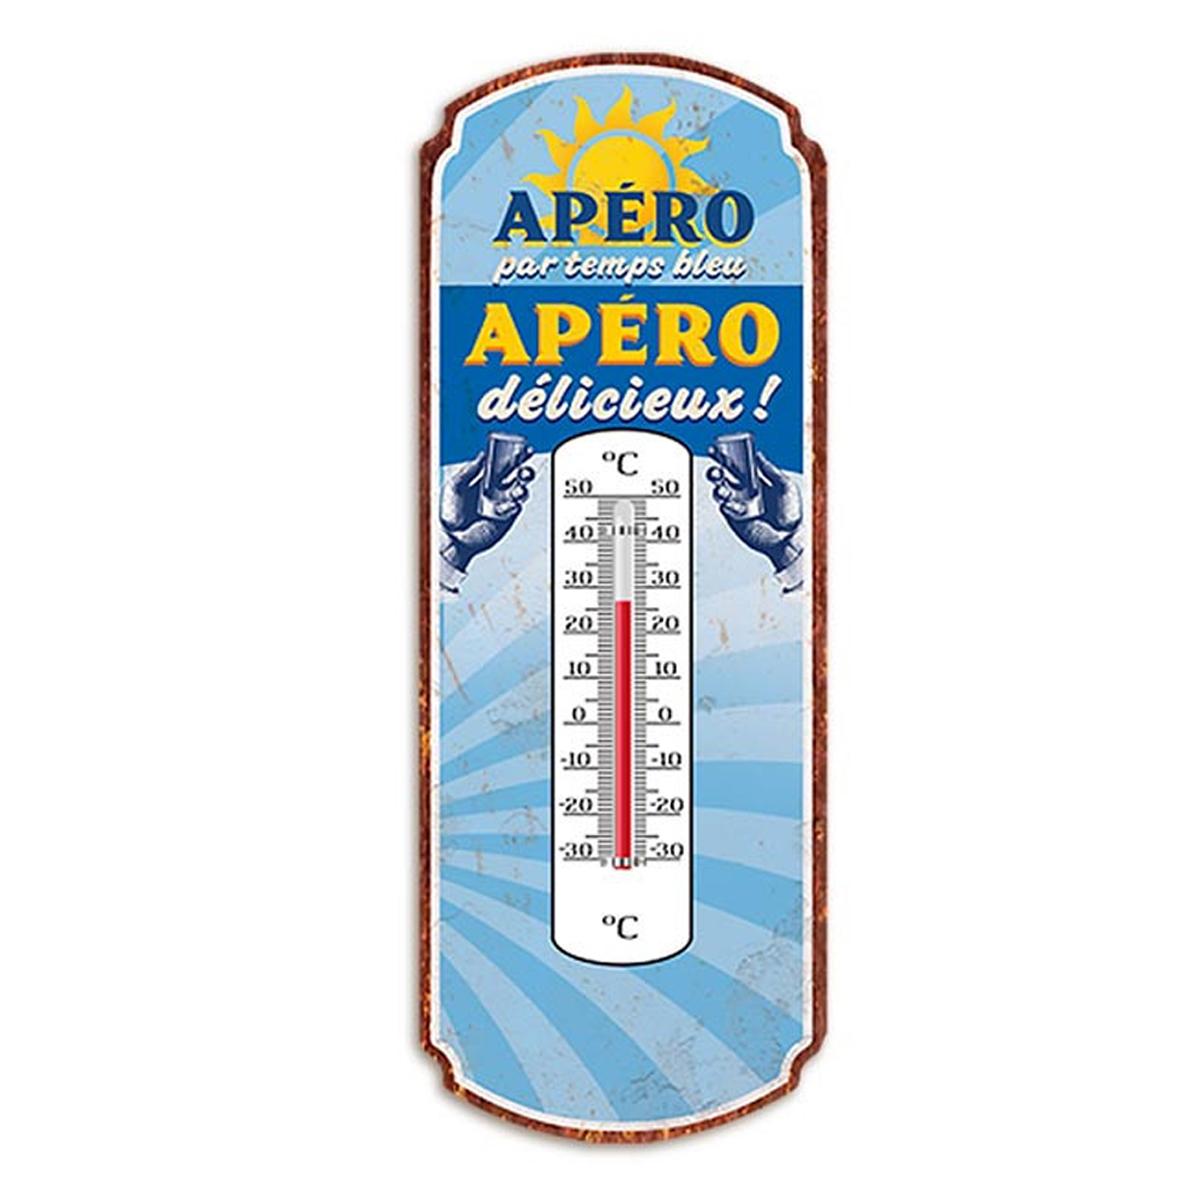 Thermomètre métal humoristique \'Apéro par temps bleu, Apéro délicieux !\' bleu - 25x10 cm - [A2930]